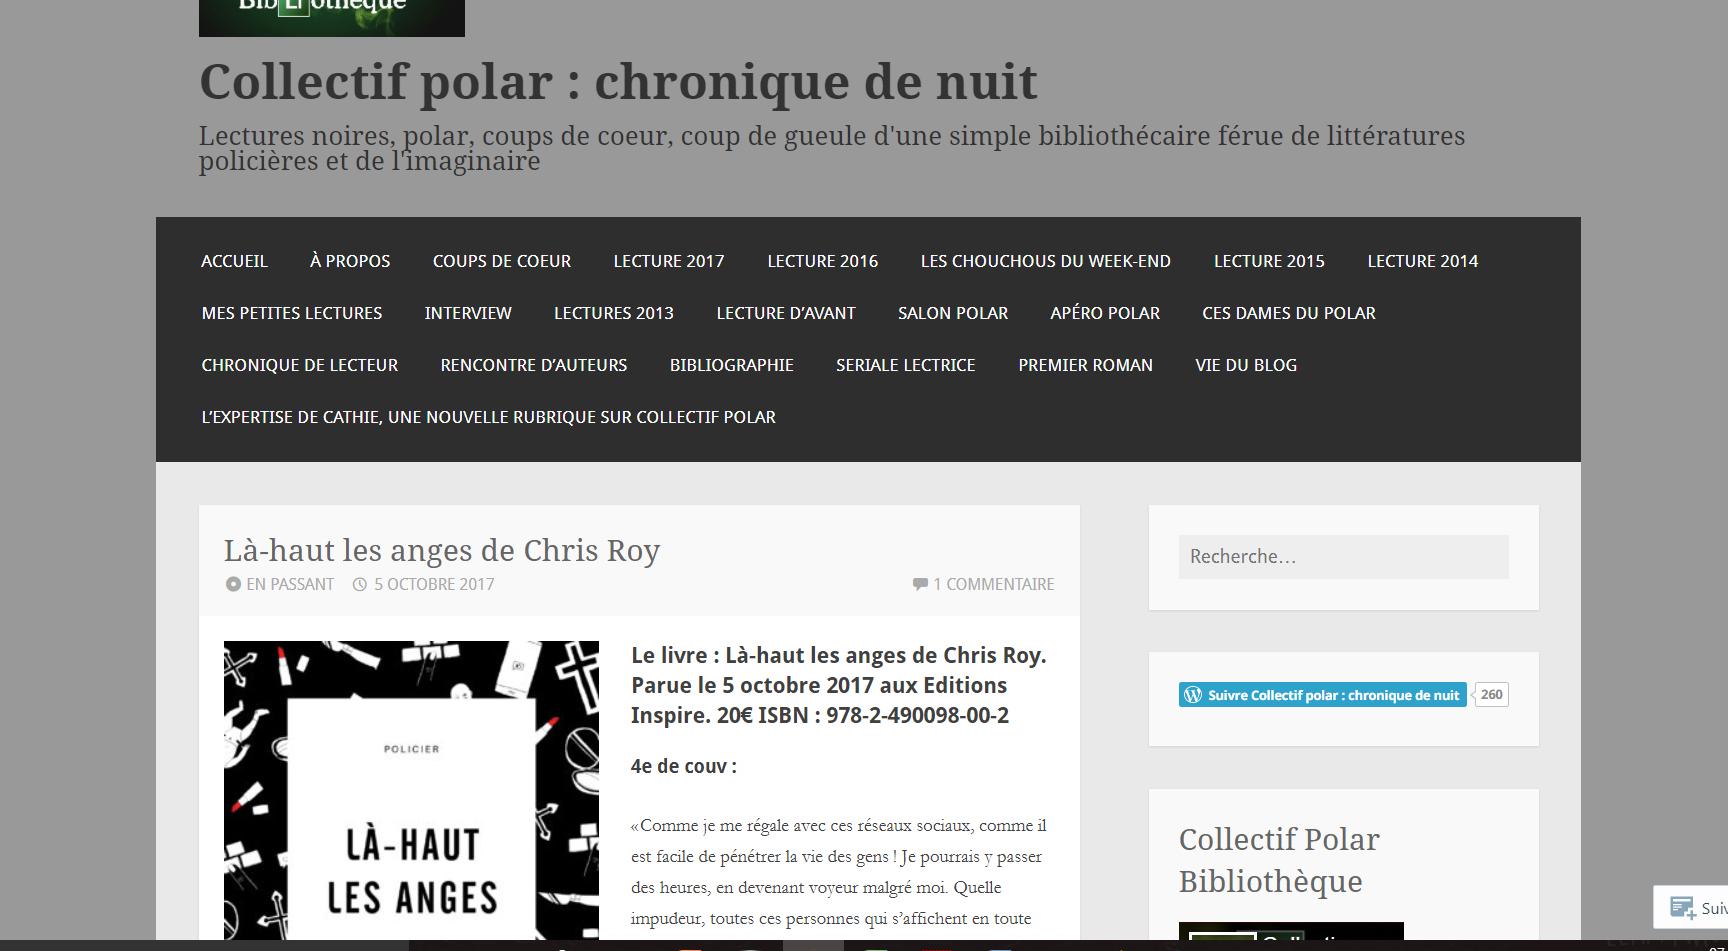 Collectif polar : Là-haut les anges, Chris Roy